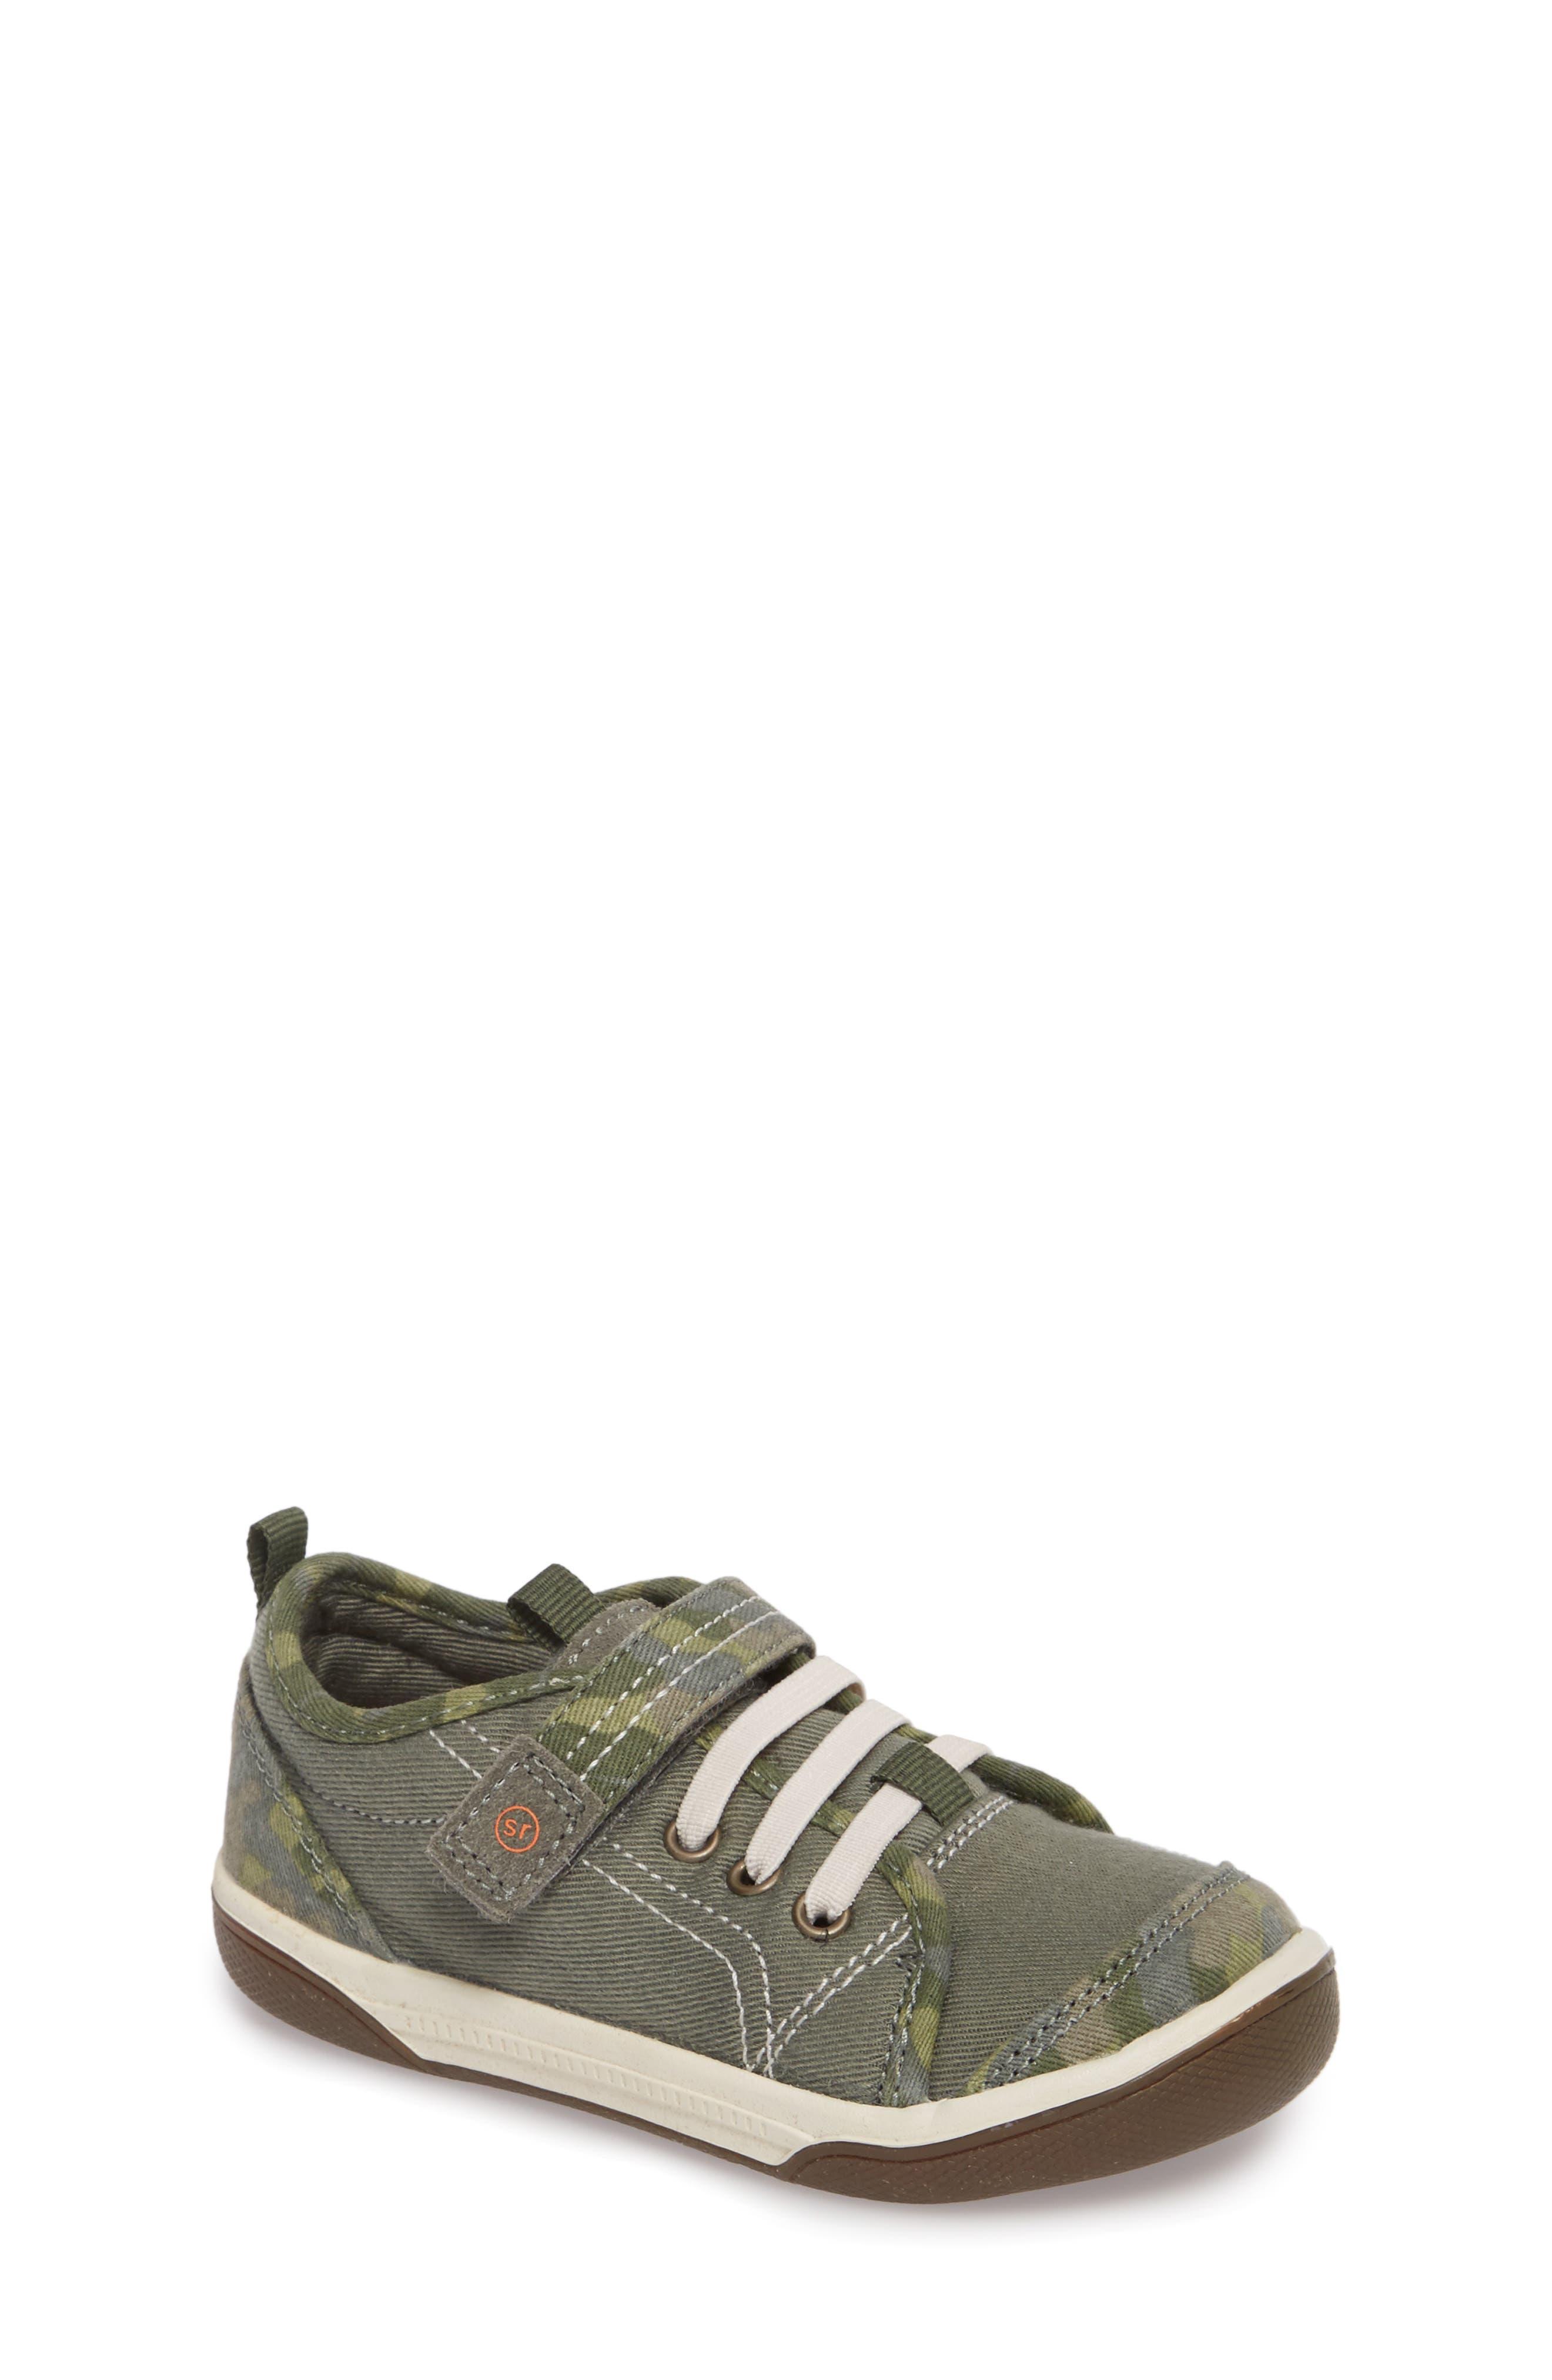 Dakota Sneaker,                         Main,                         color, Green Camo Canvas